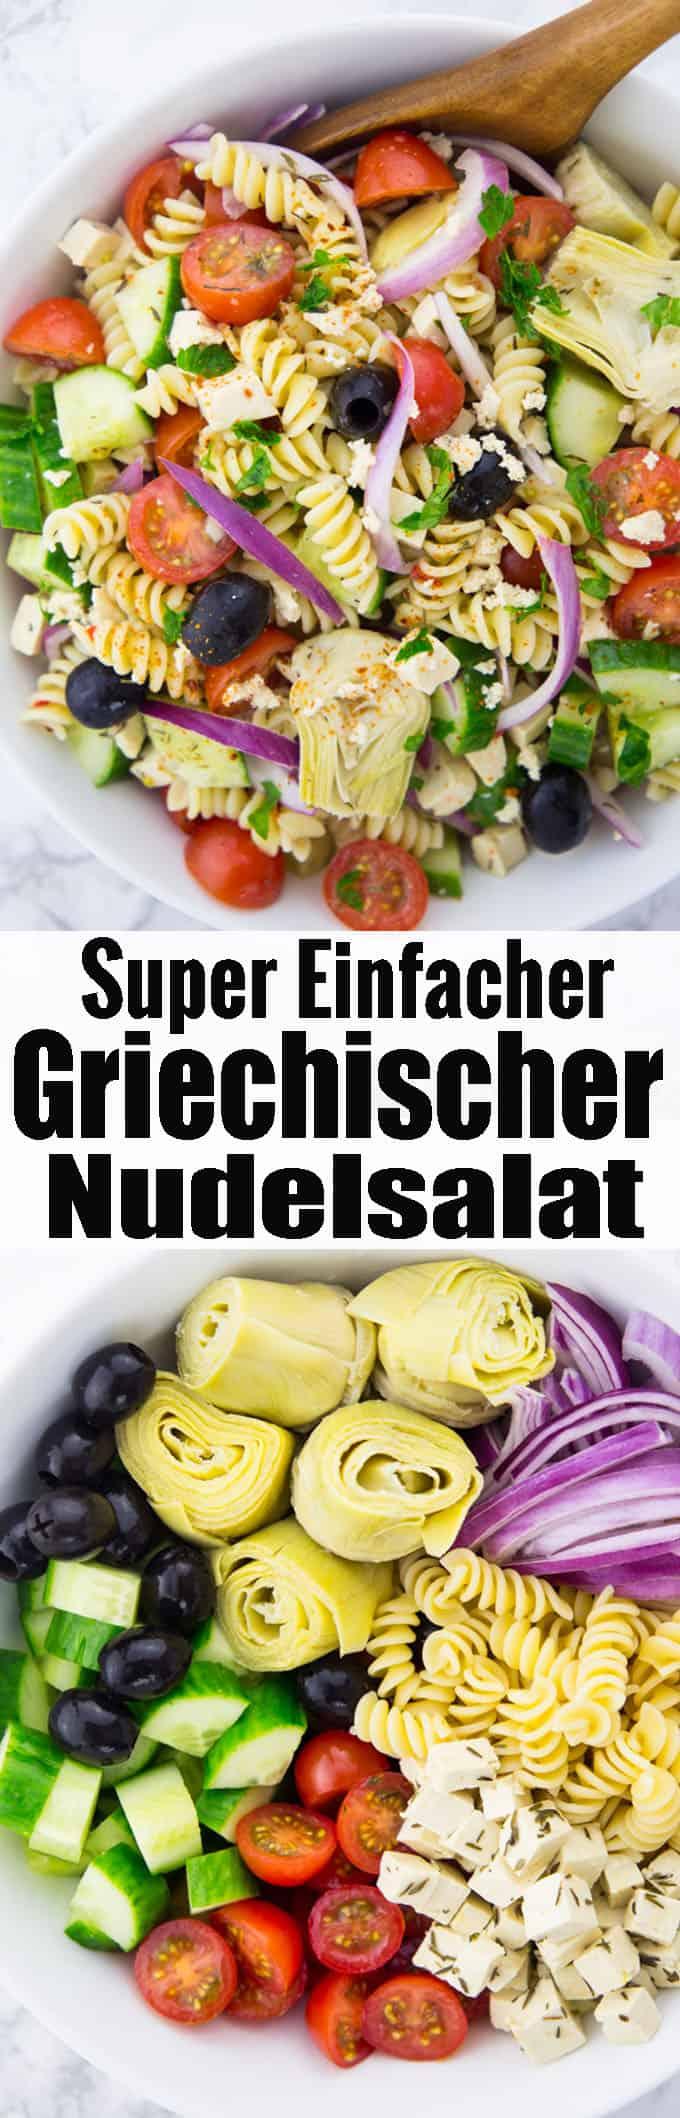 Leckere Nudelsalat Rezepte gesucht? Dieser griechischer Nudelsalat ist mein neuer Favorit! Super lecker, einfach und eines meiner liebsten Sommerrezepte! Mehr vegane Rezepte auf veganheaven.de!